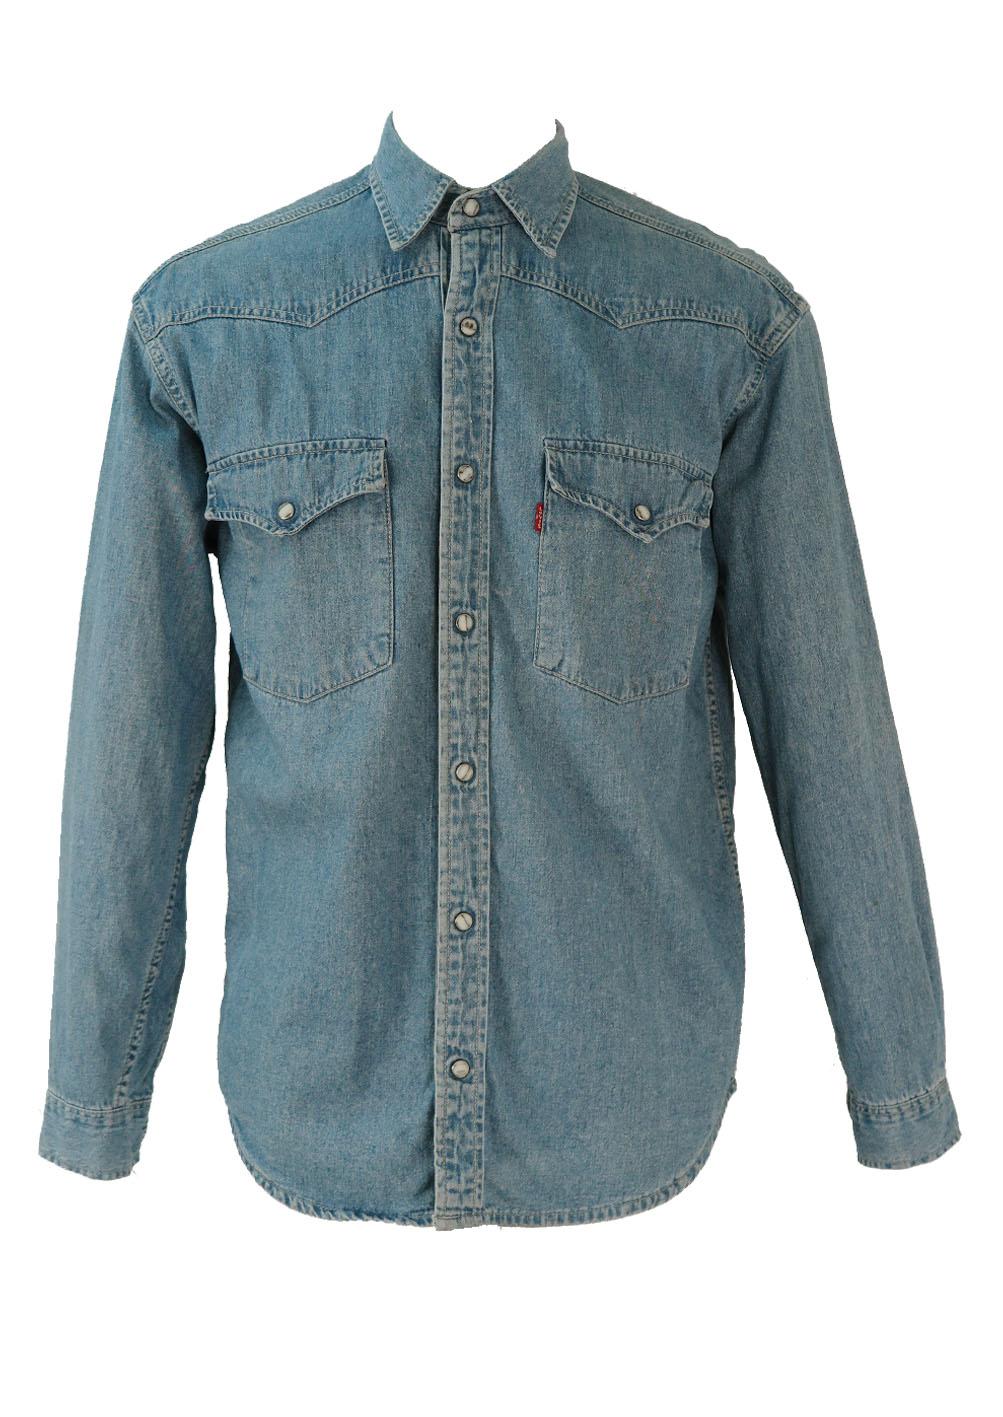 Levis Light Blue Denim Shirt M L Reign Vintage